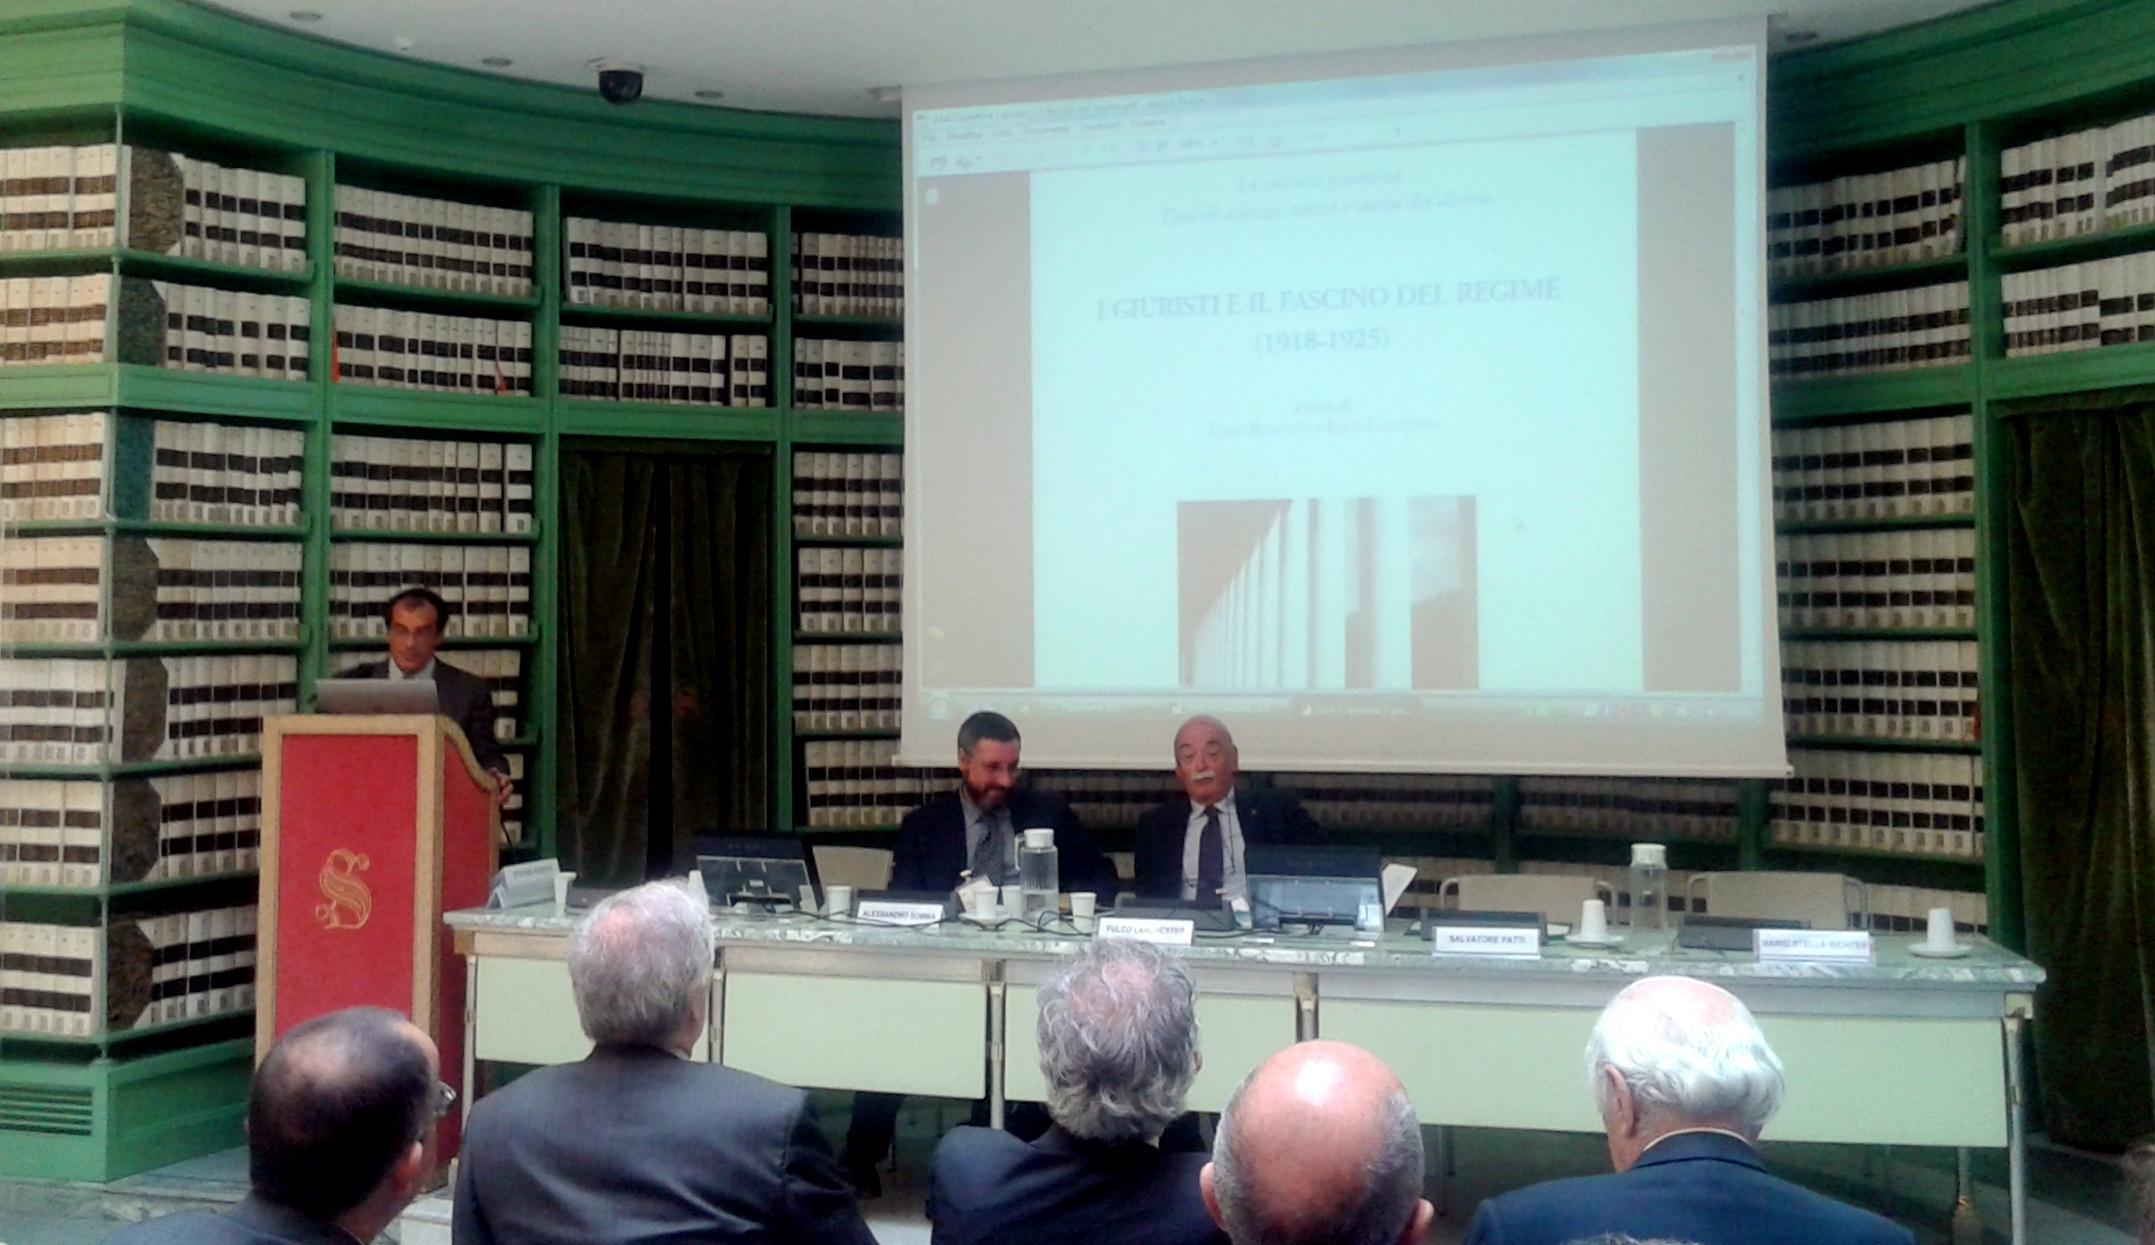 Da sinistra: Luca Loschiavo, Alessandro Somma e Fulco Lanchester